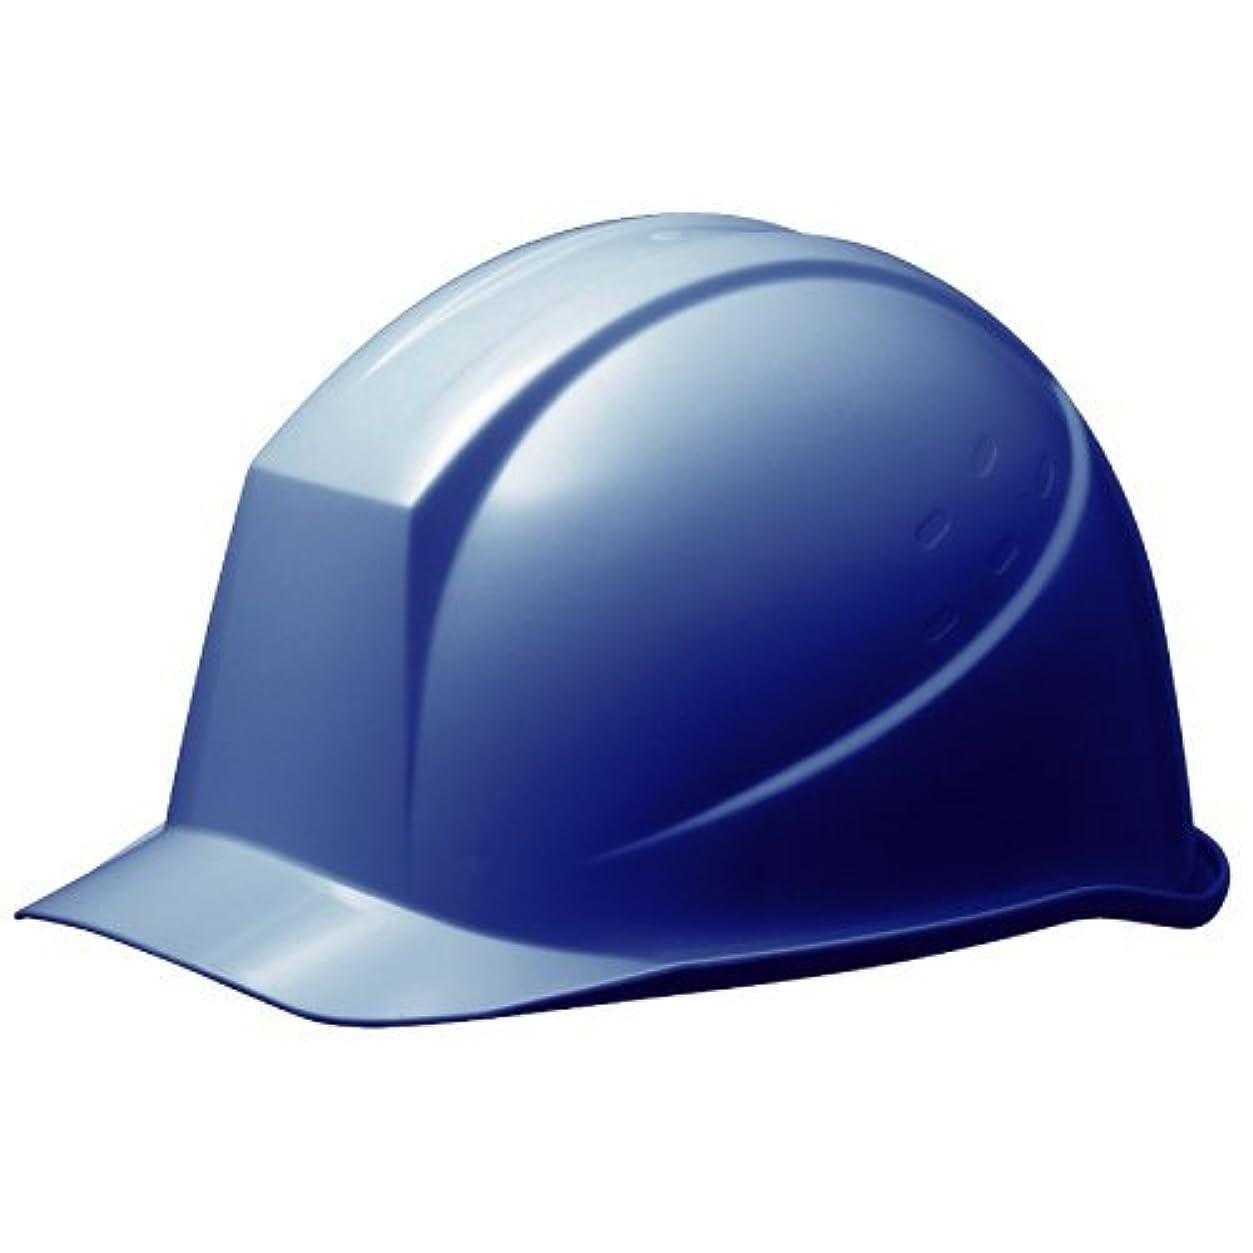 作曲家ビタミンどこかミドリ安全 ヘルメット 一般作業用 電気作業用 SC11P RA KP付 ブルー